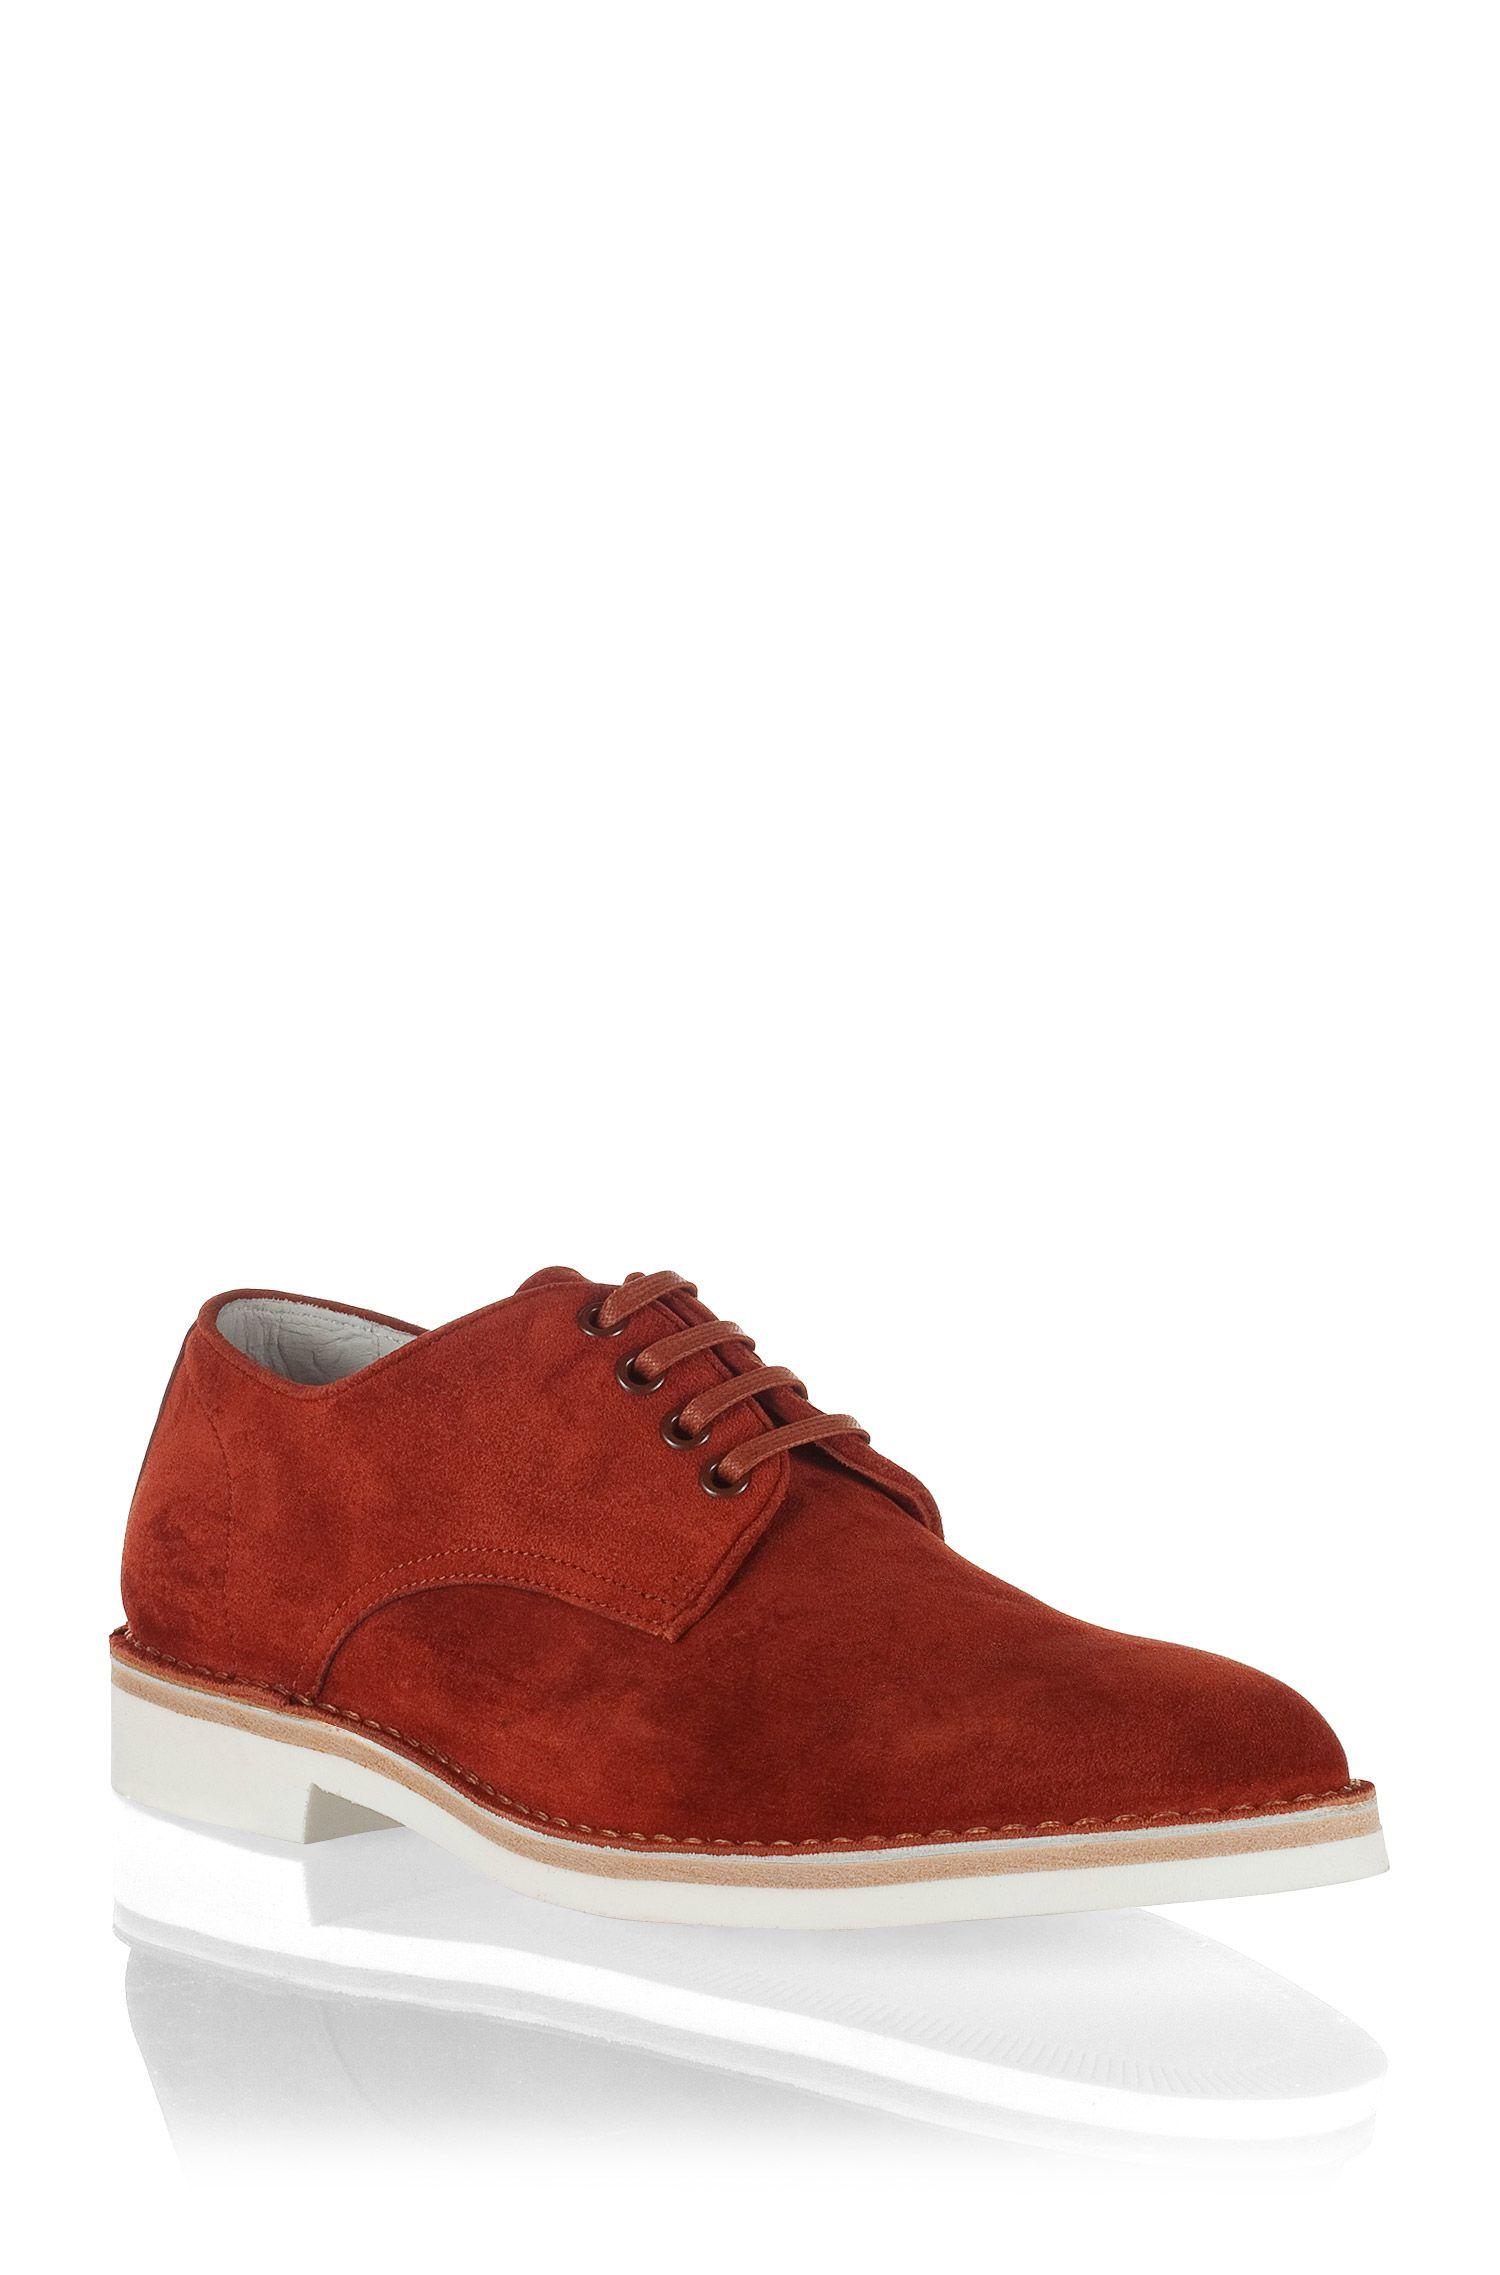 Chaussures détente en cuir, GRAMMOR